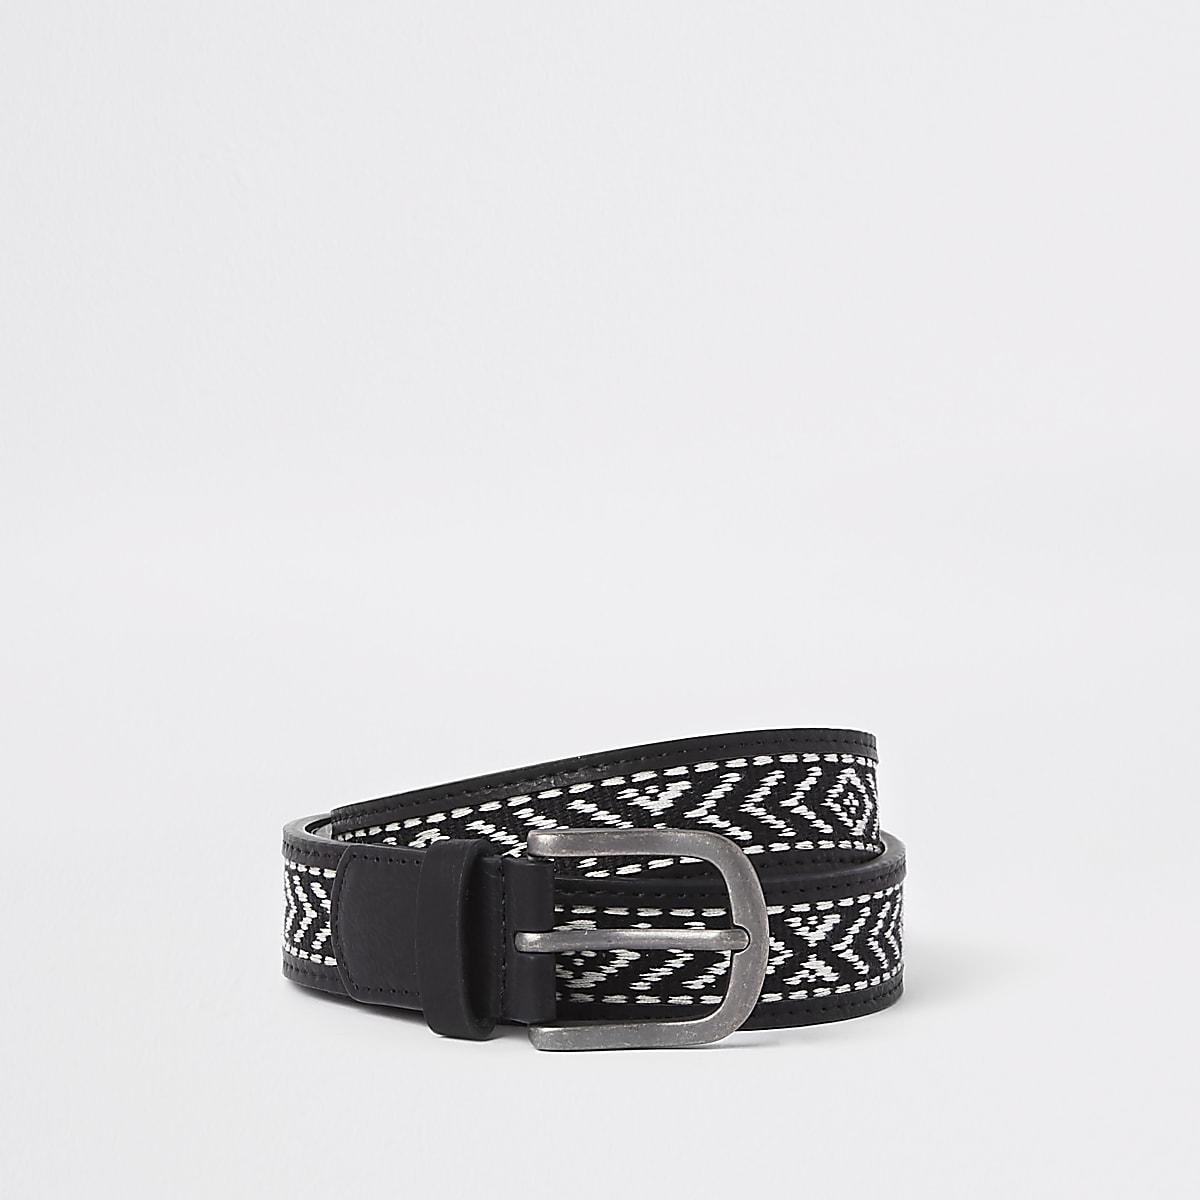 Zwarte geweven riem met aztekenprint